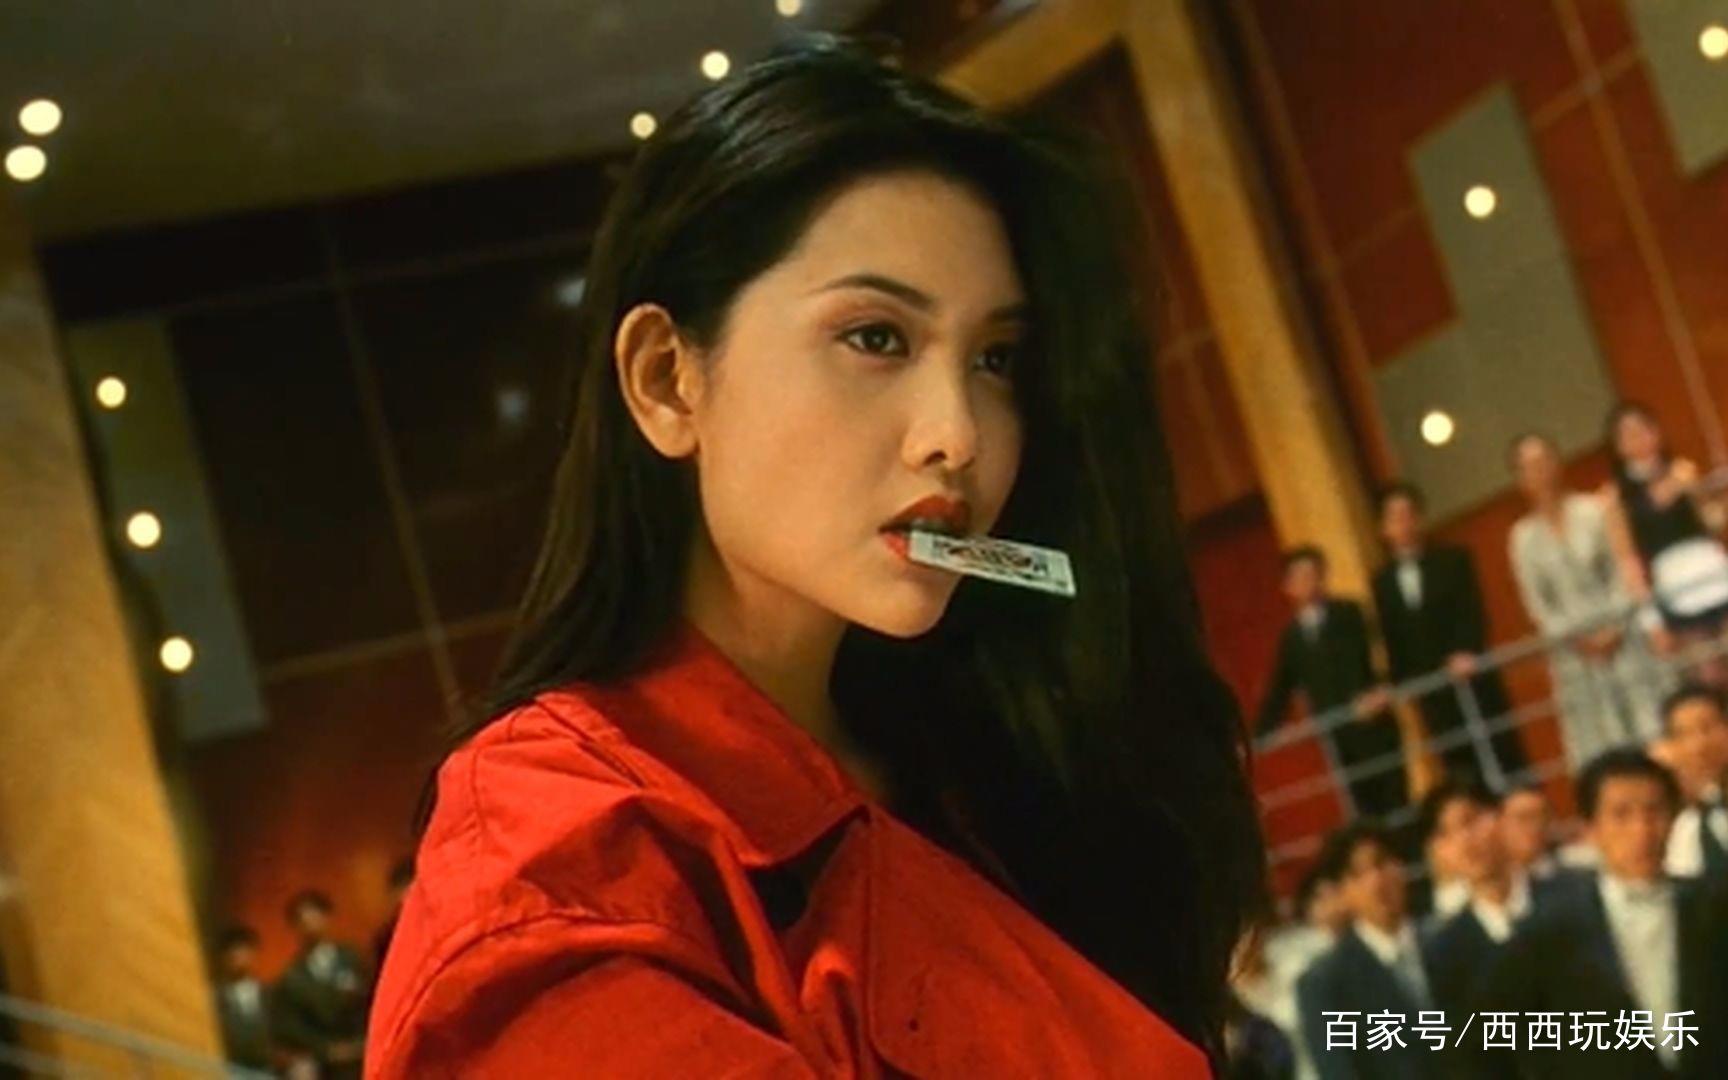 那些经典电影里无法超越的镜头:朱茵眨眼,青霞喝酒